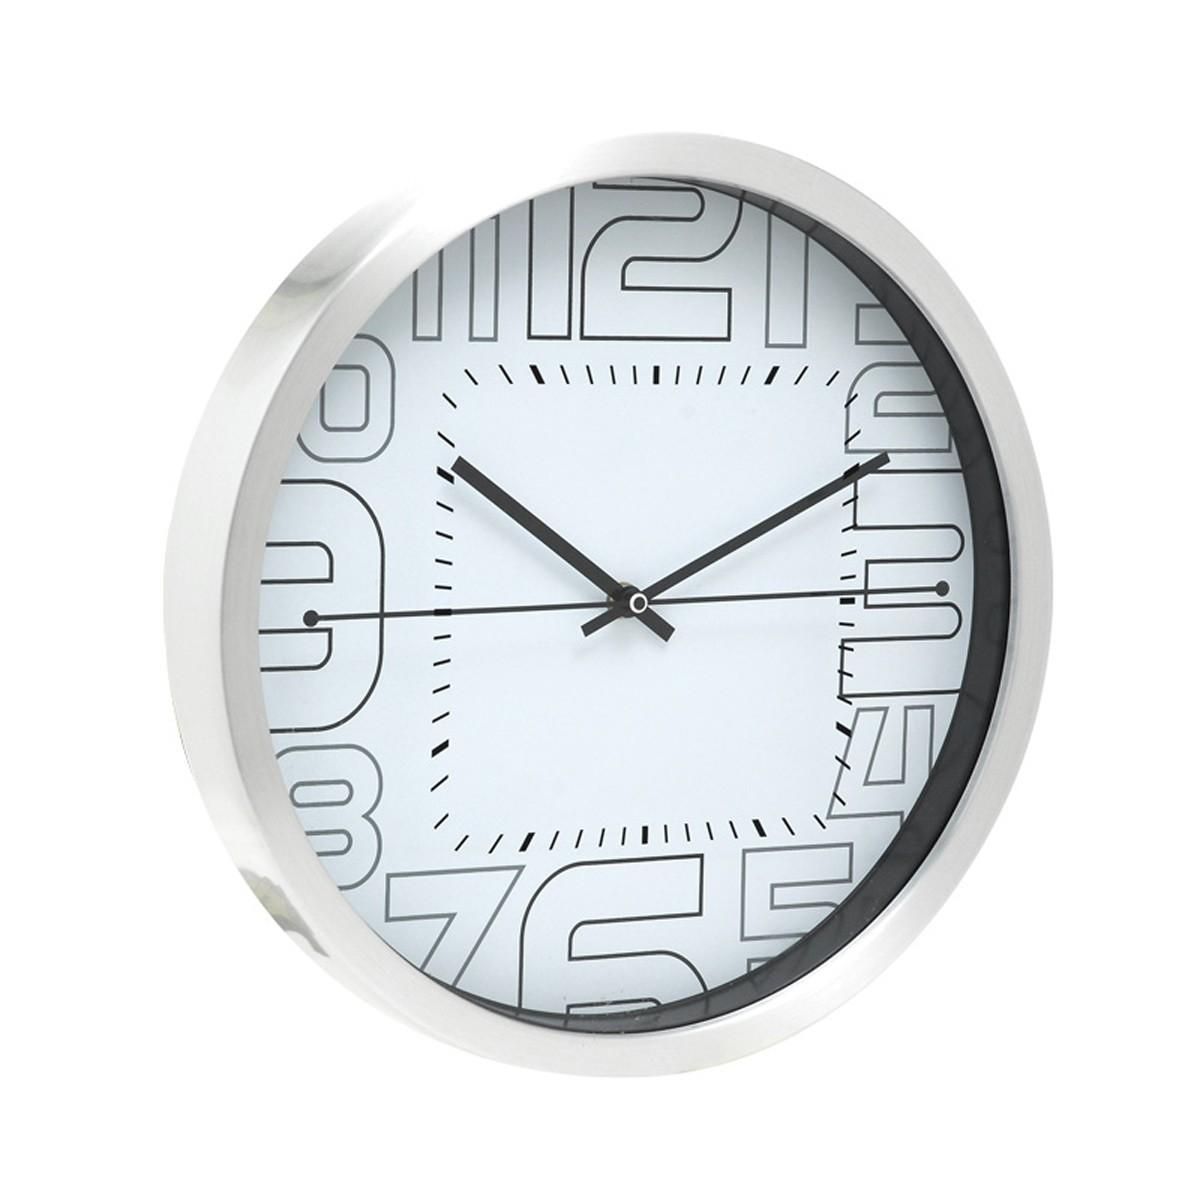 Ρολόι Τοίχου Home Design DAN2214WE White/Silver